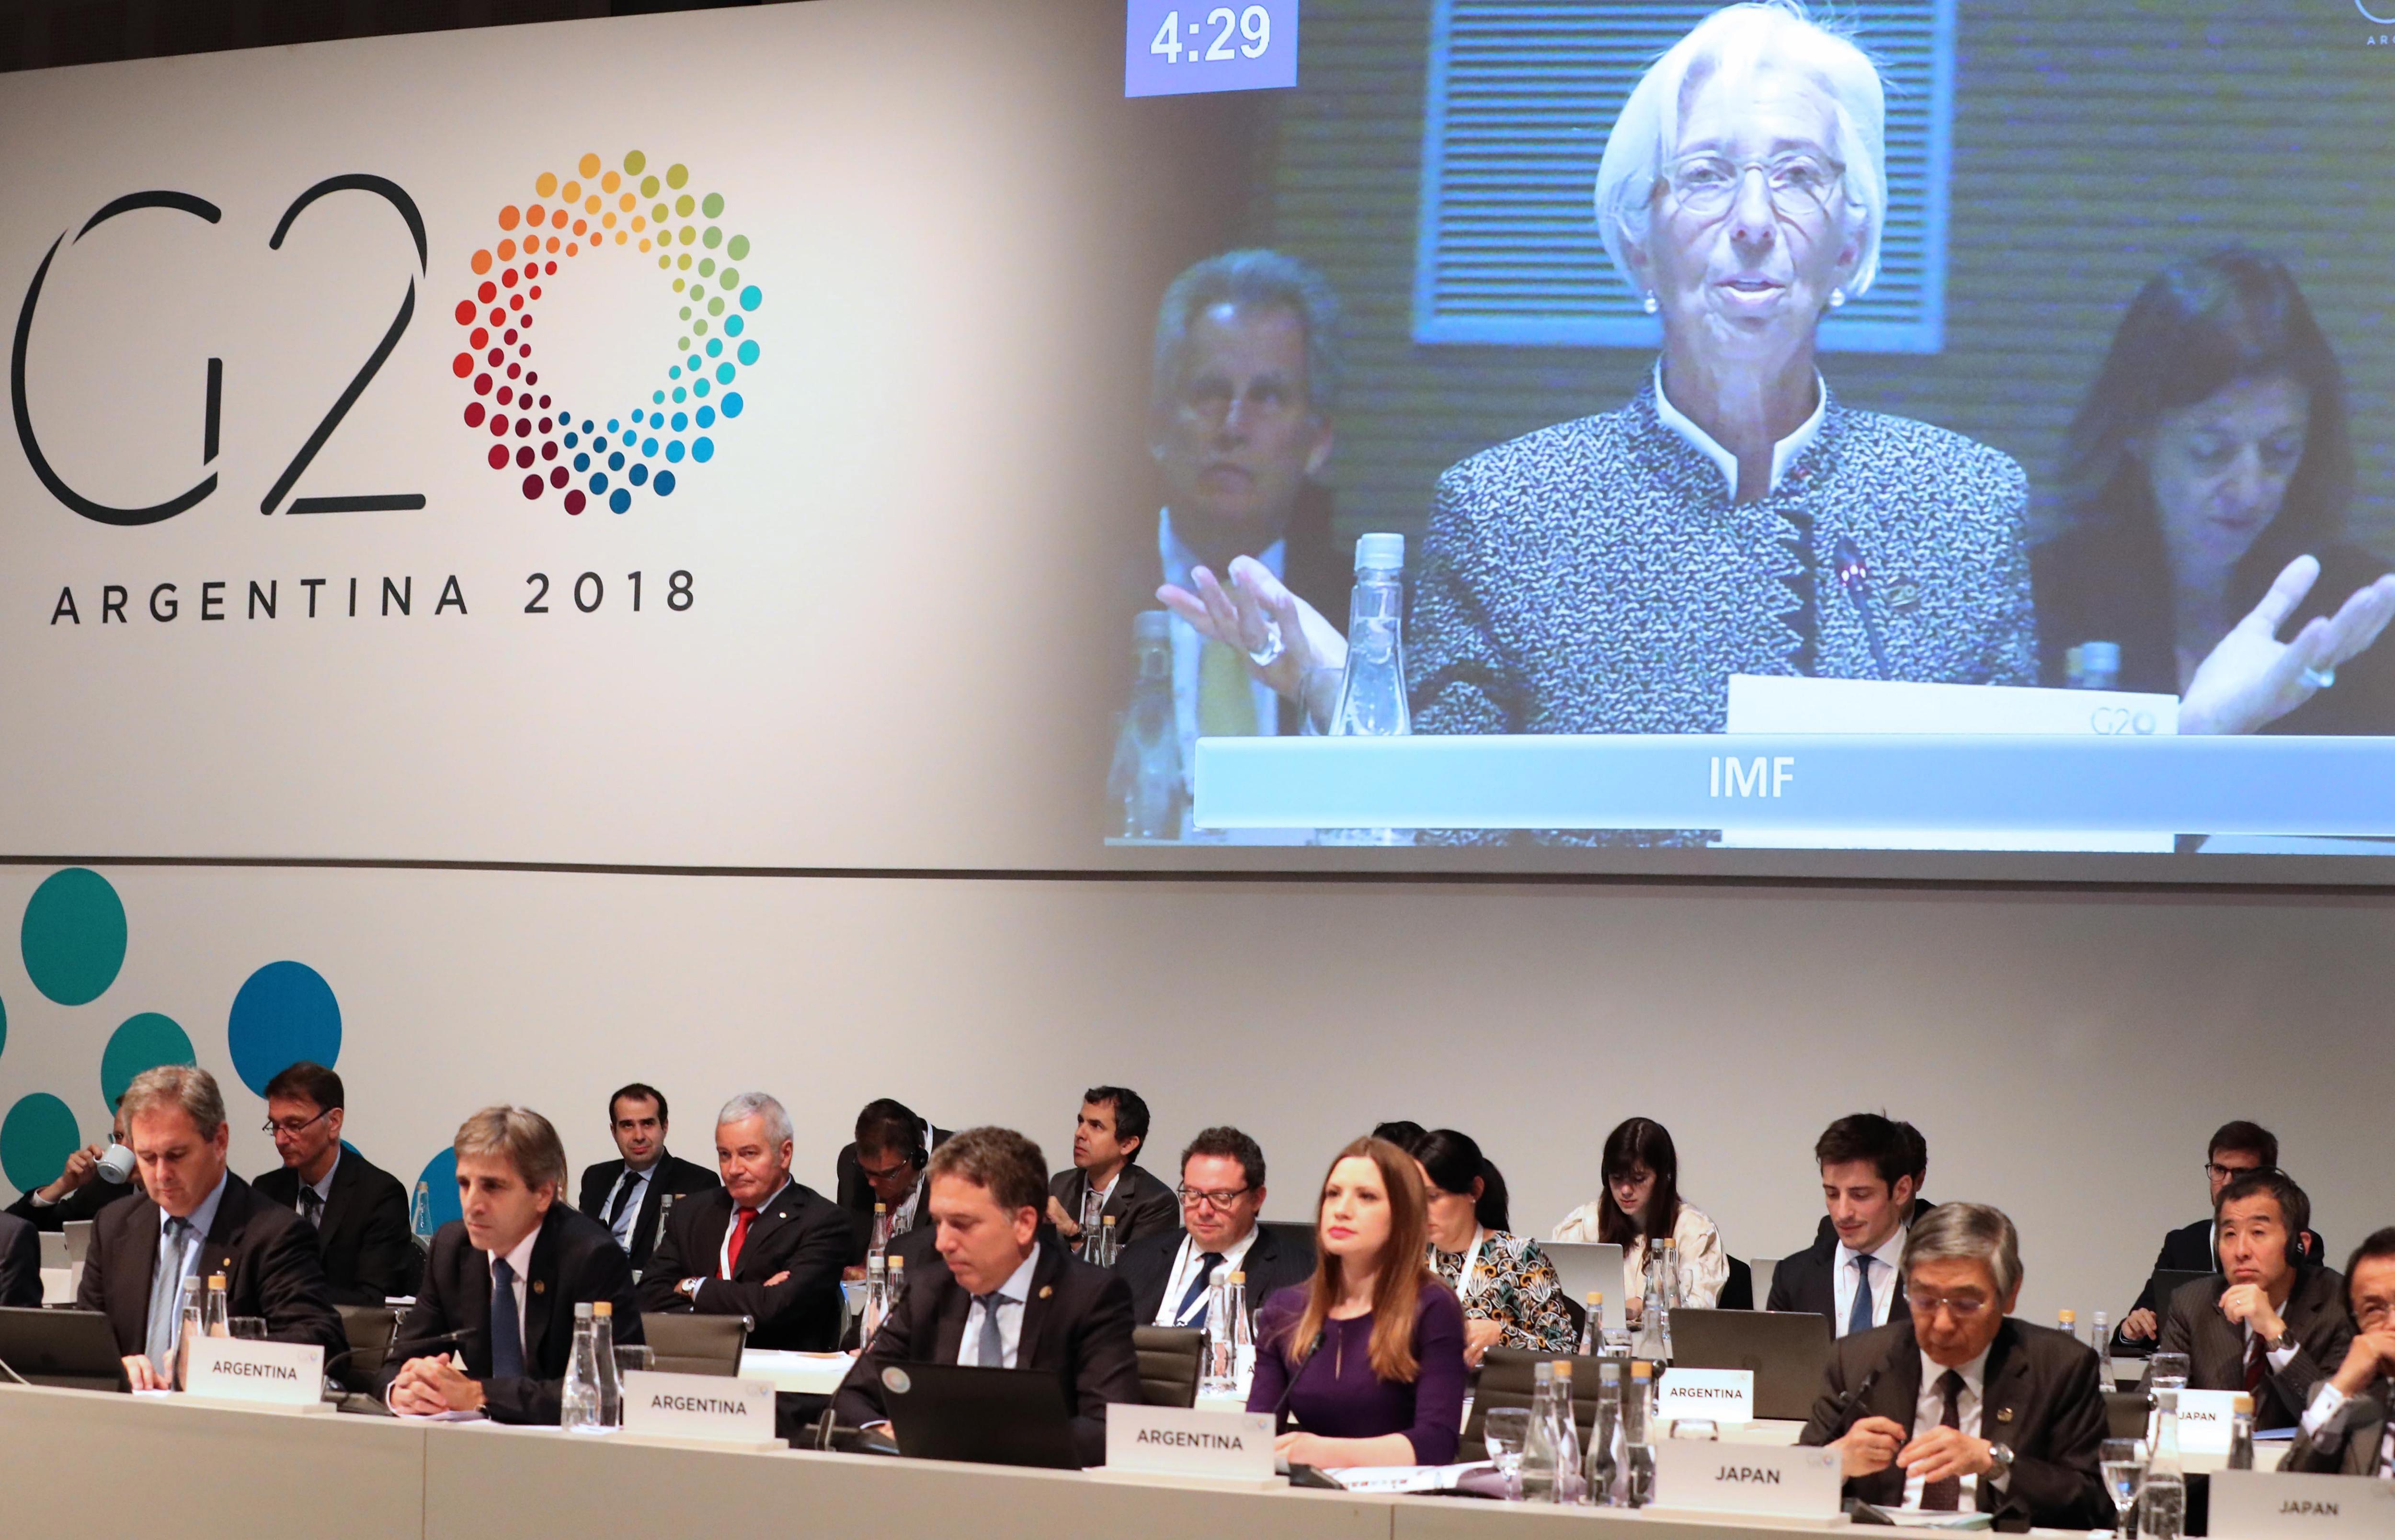 """Ministri poljoprivrede G20 zabrinuti zbog """"protekcionizma"""""""